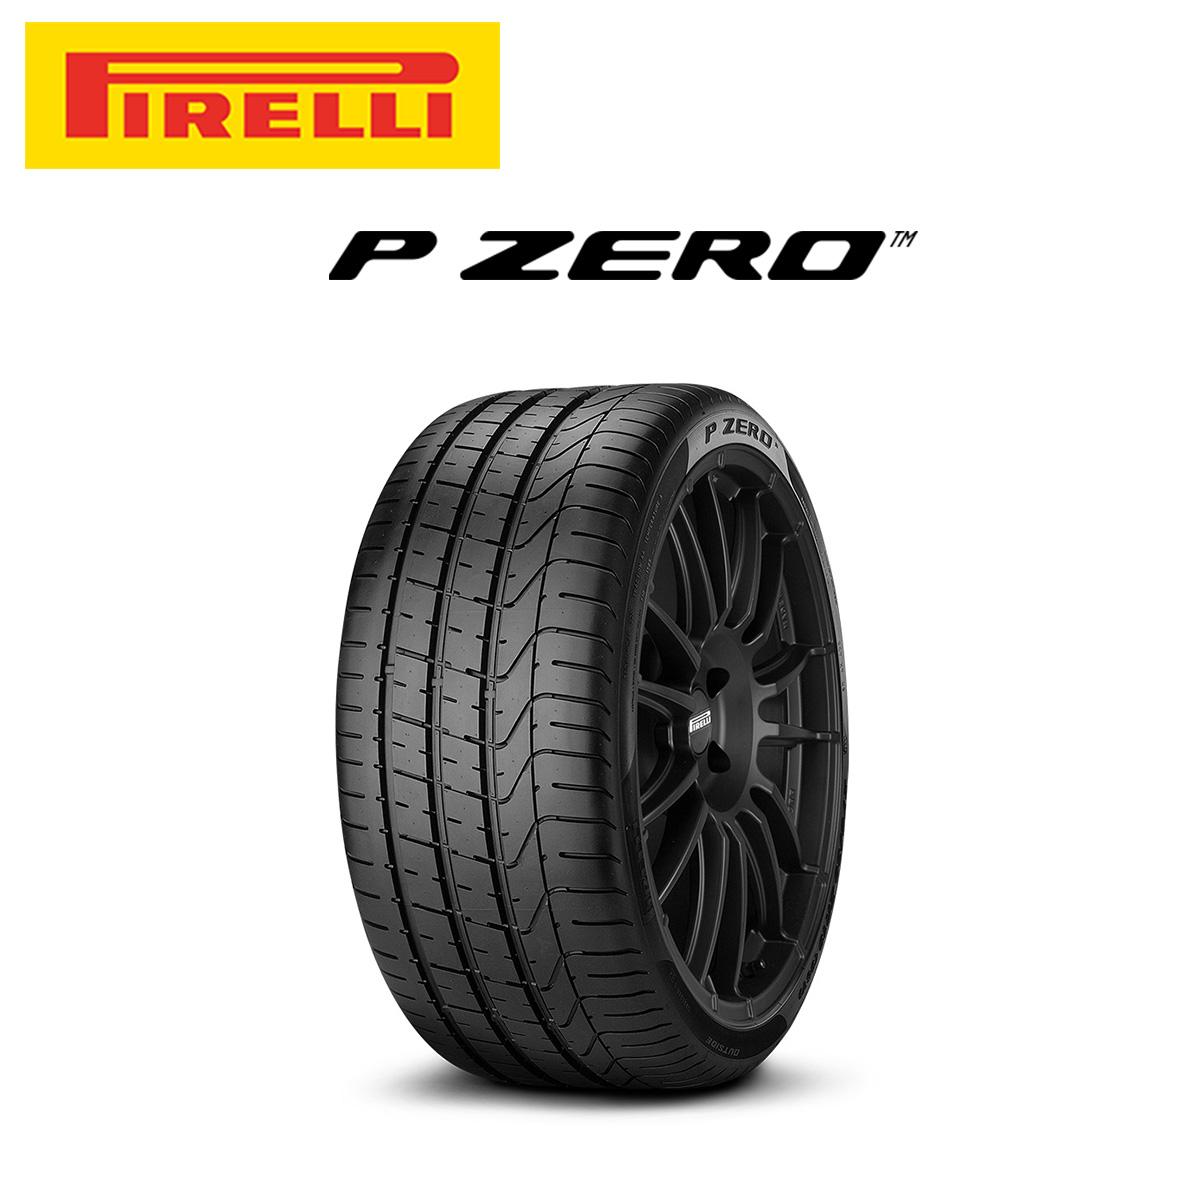 ピレリ PIRELLI P ZERO ピーゼロ 21インチ サマー タイヤ 1本 265/45R21 104W J:ジャガー LR:ランドローバー承認タイヤ 2689600